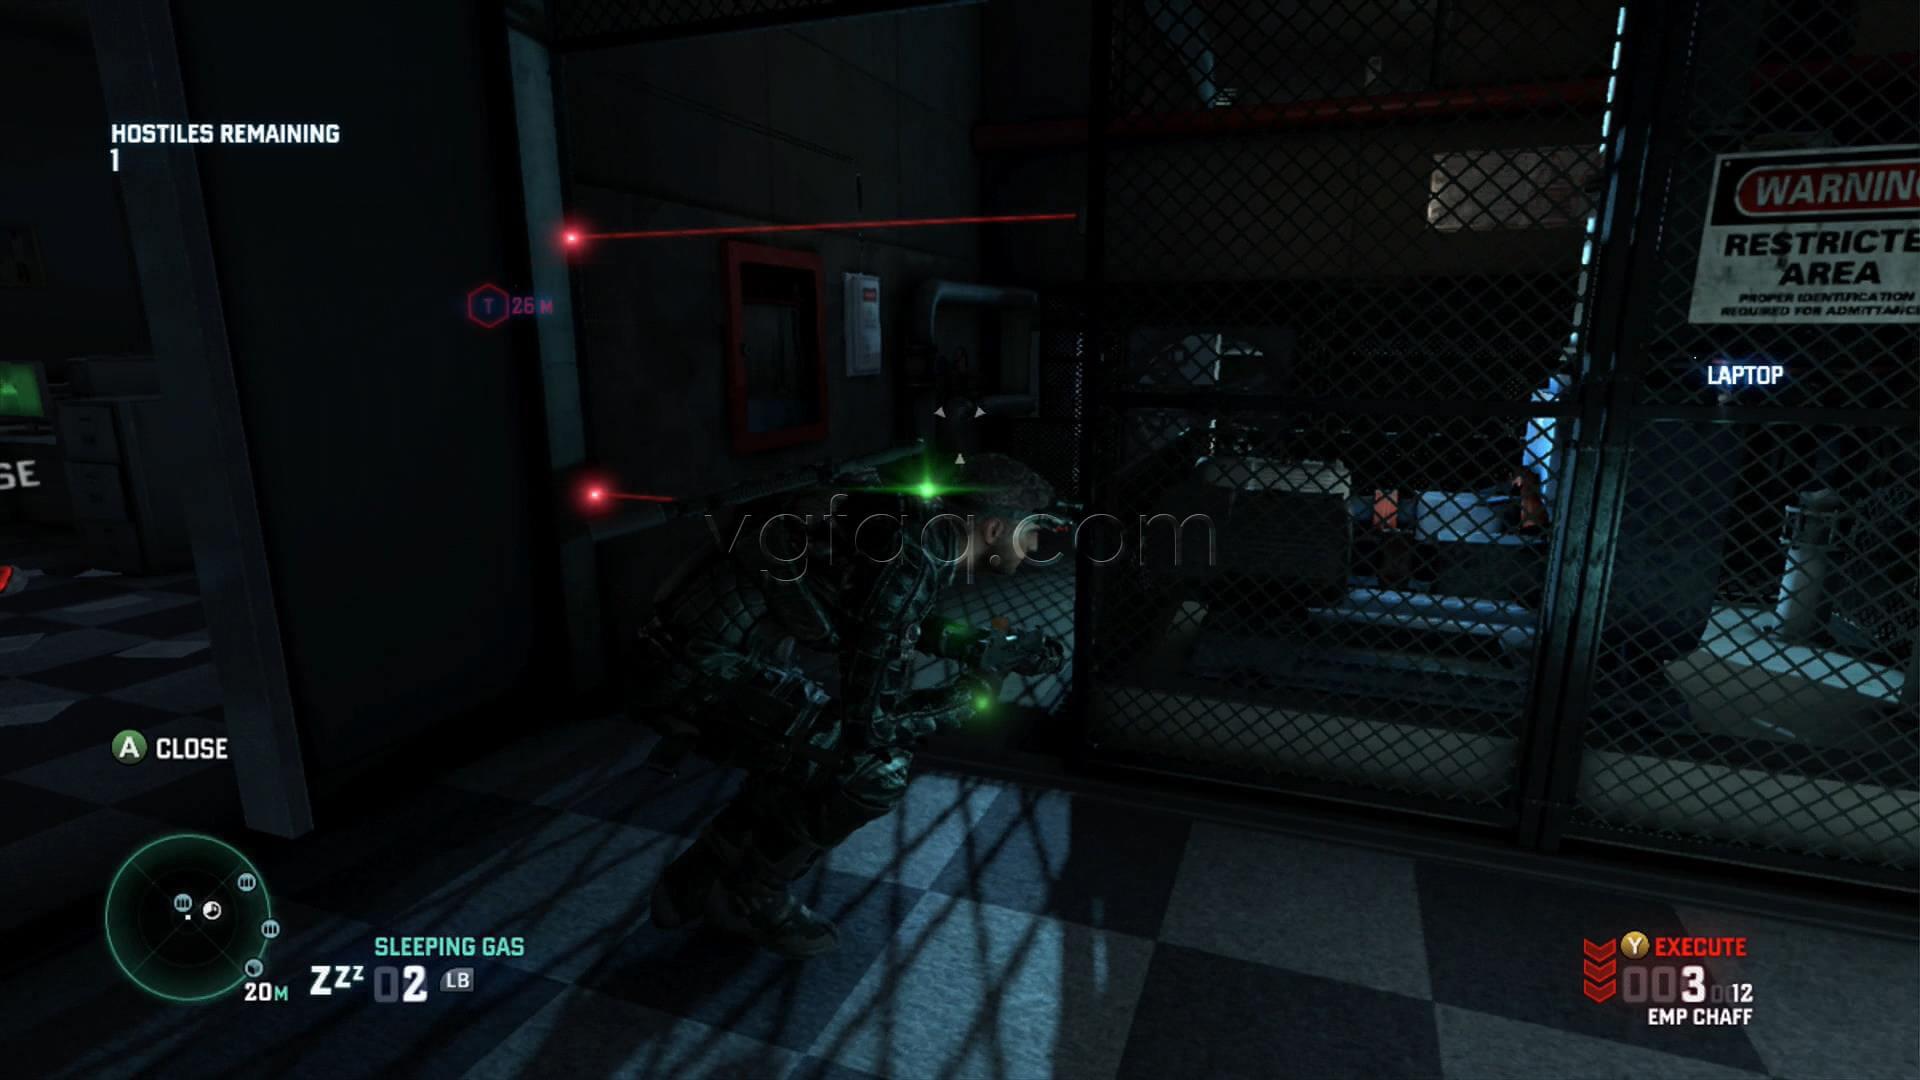 Splinter Cell Blacklist Russian Embassy Blacklist Laptop Location